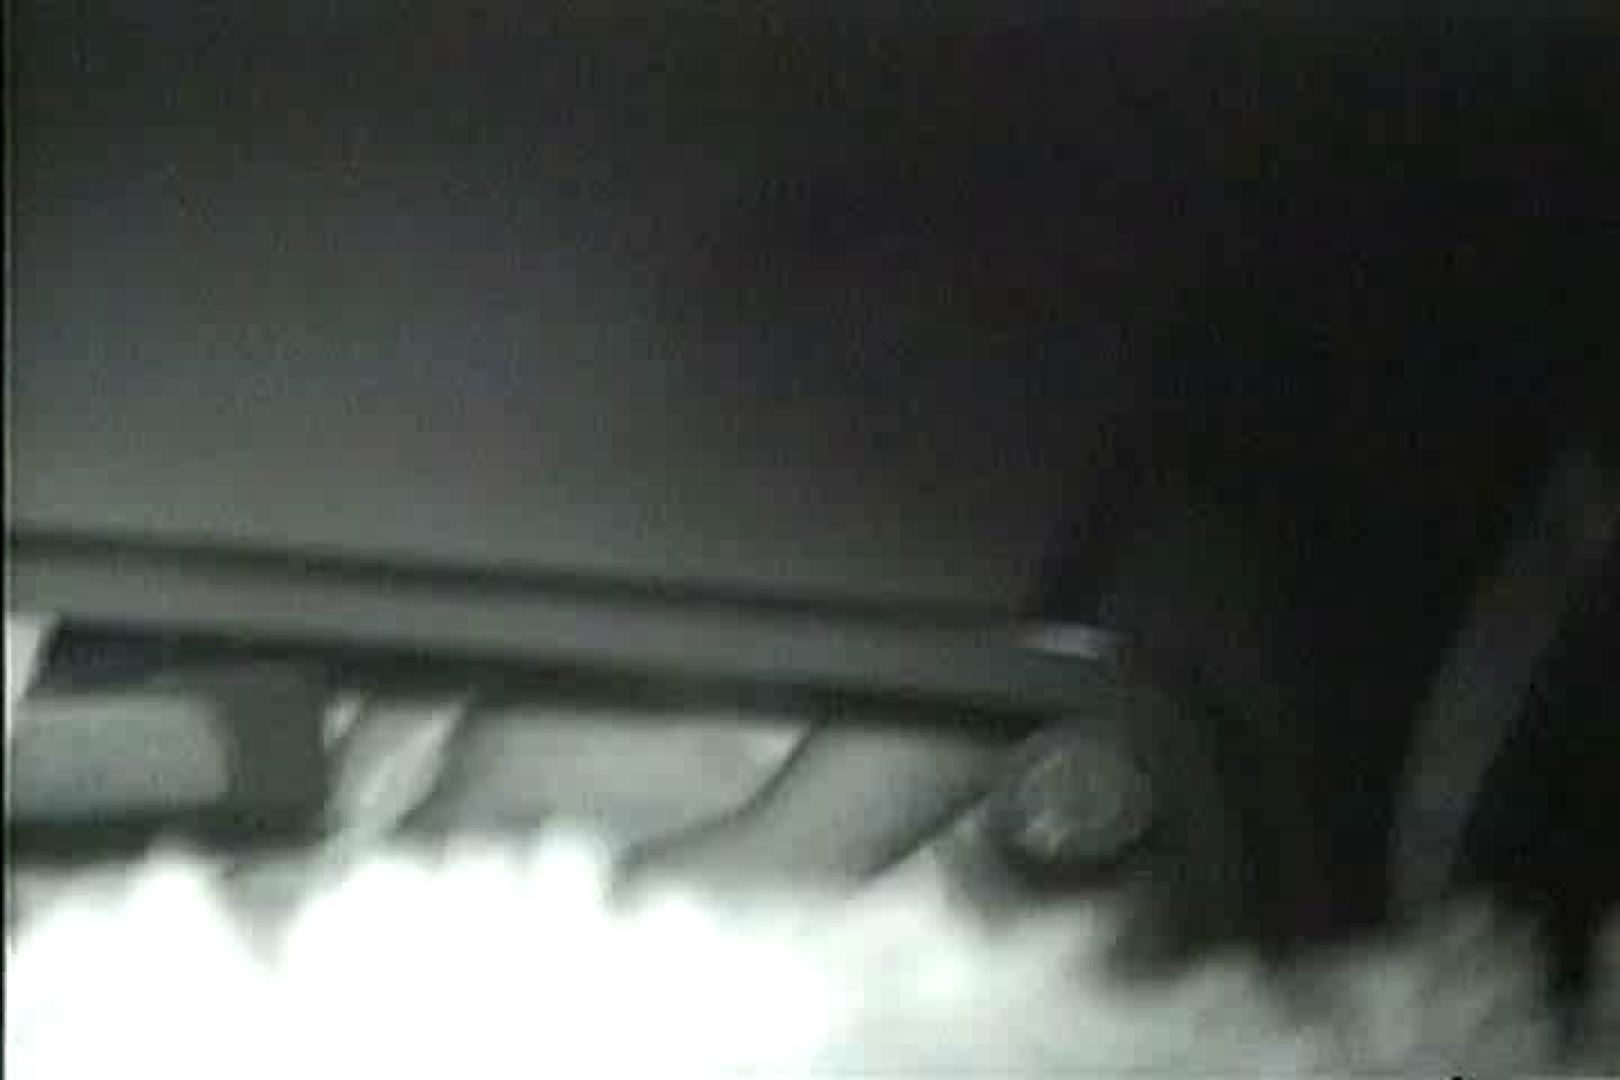 車の中はラブホテル 無修正版  Vol.10 接写  87pic 56